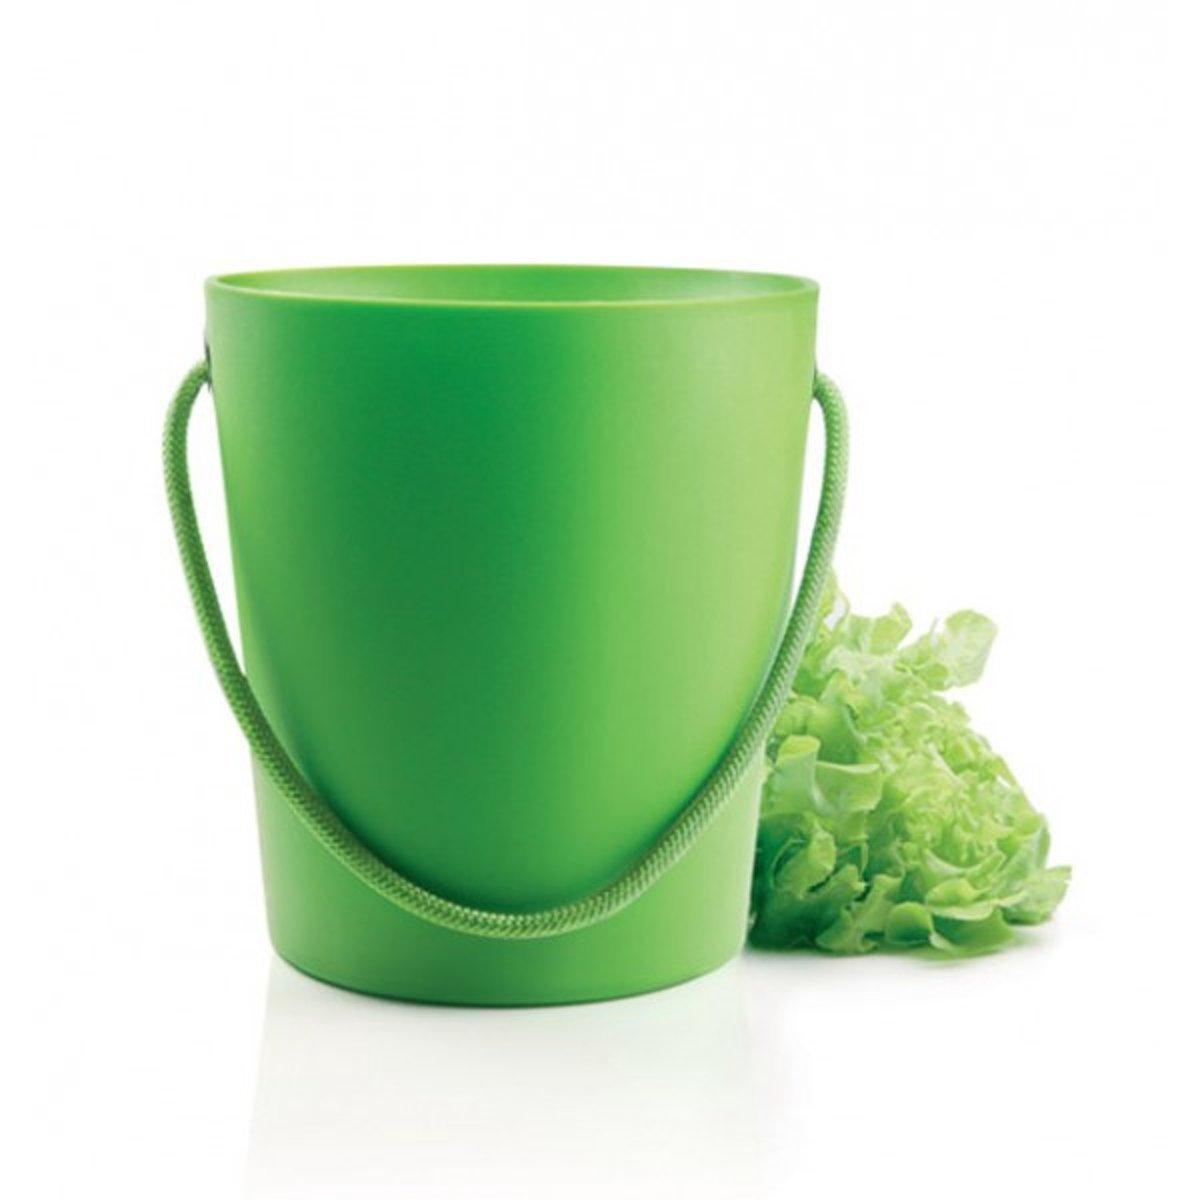 Eva Solo Salad Spinner - groen kopen